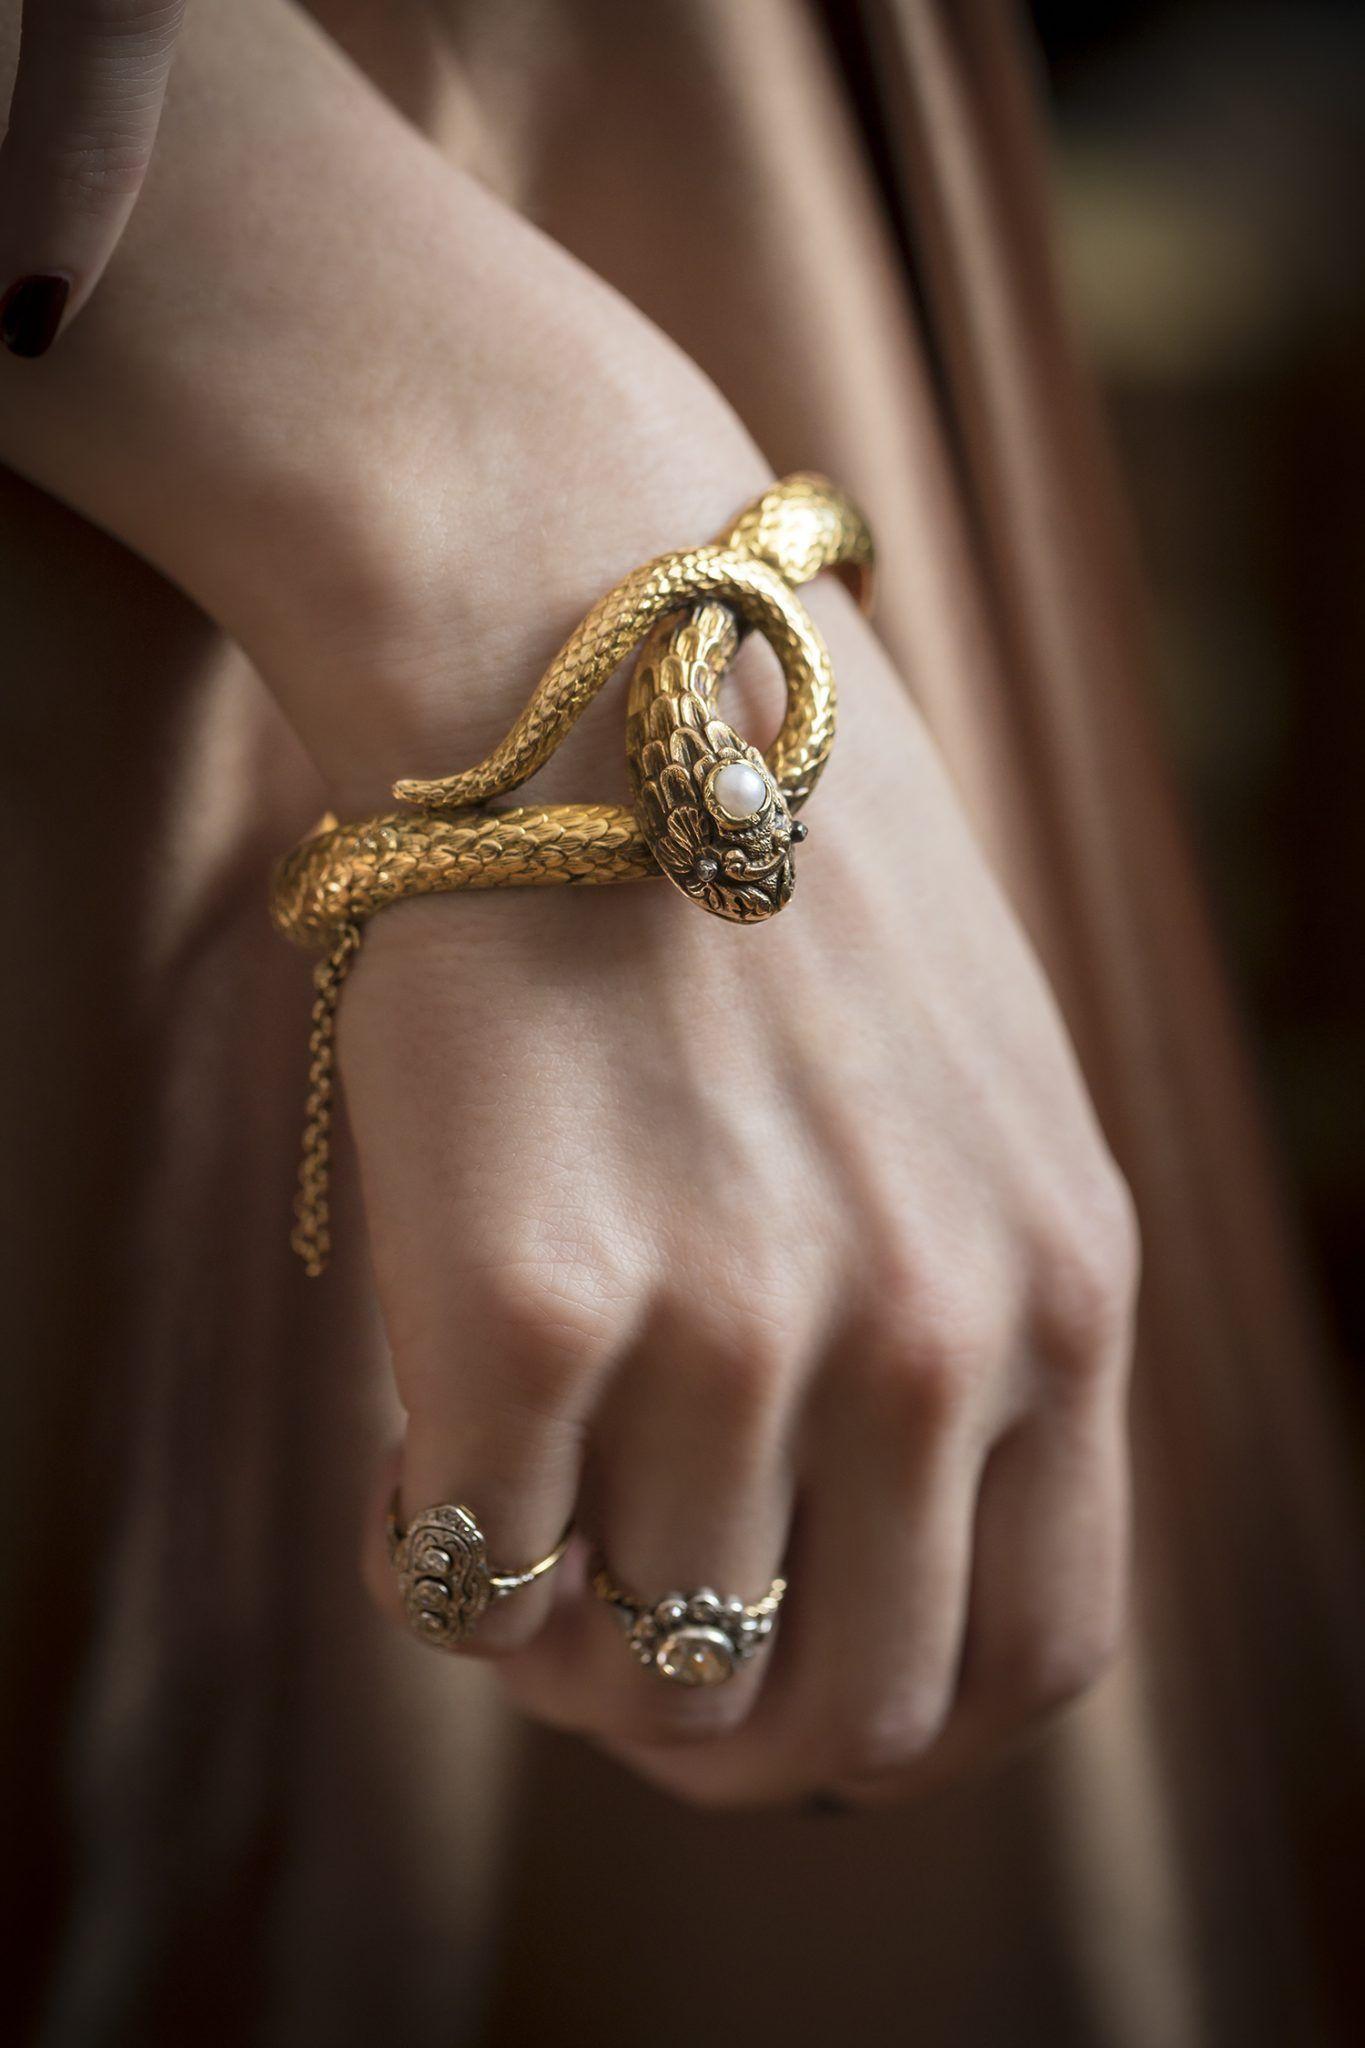 Möllenborg Snake bracelet - Möllenborg Snake bracelet – Sperlich Informations About Möllenborg Snake bracelet Pi -